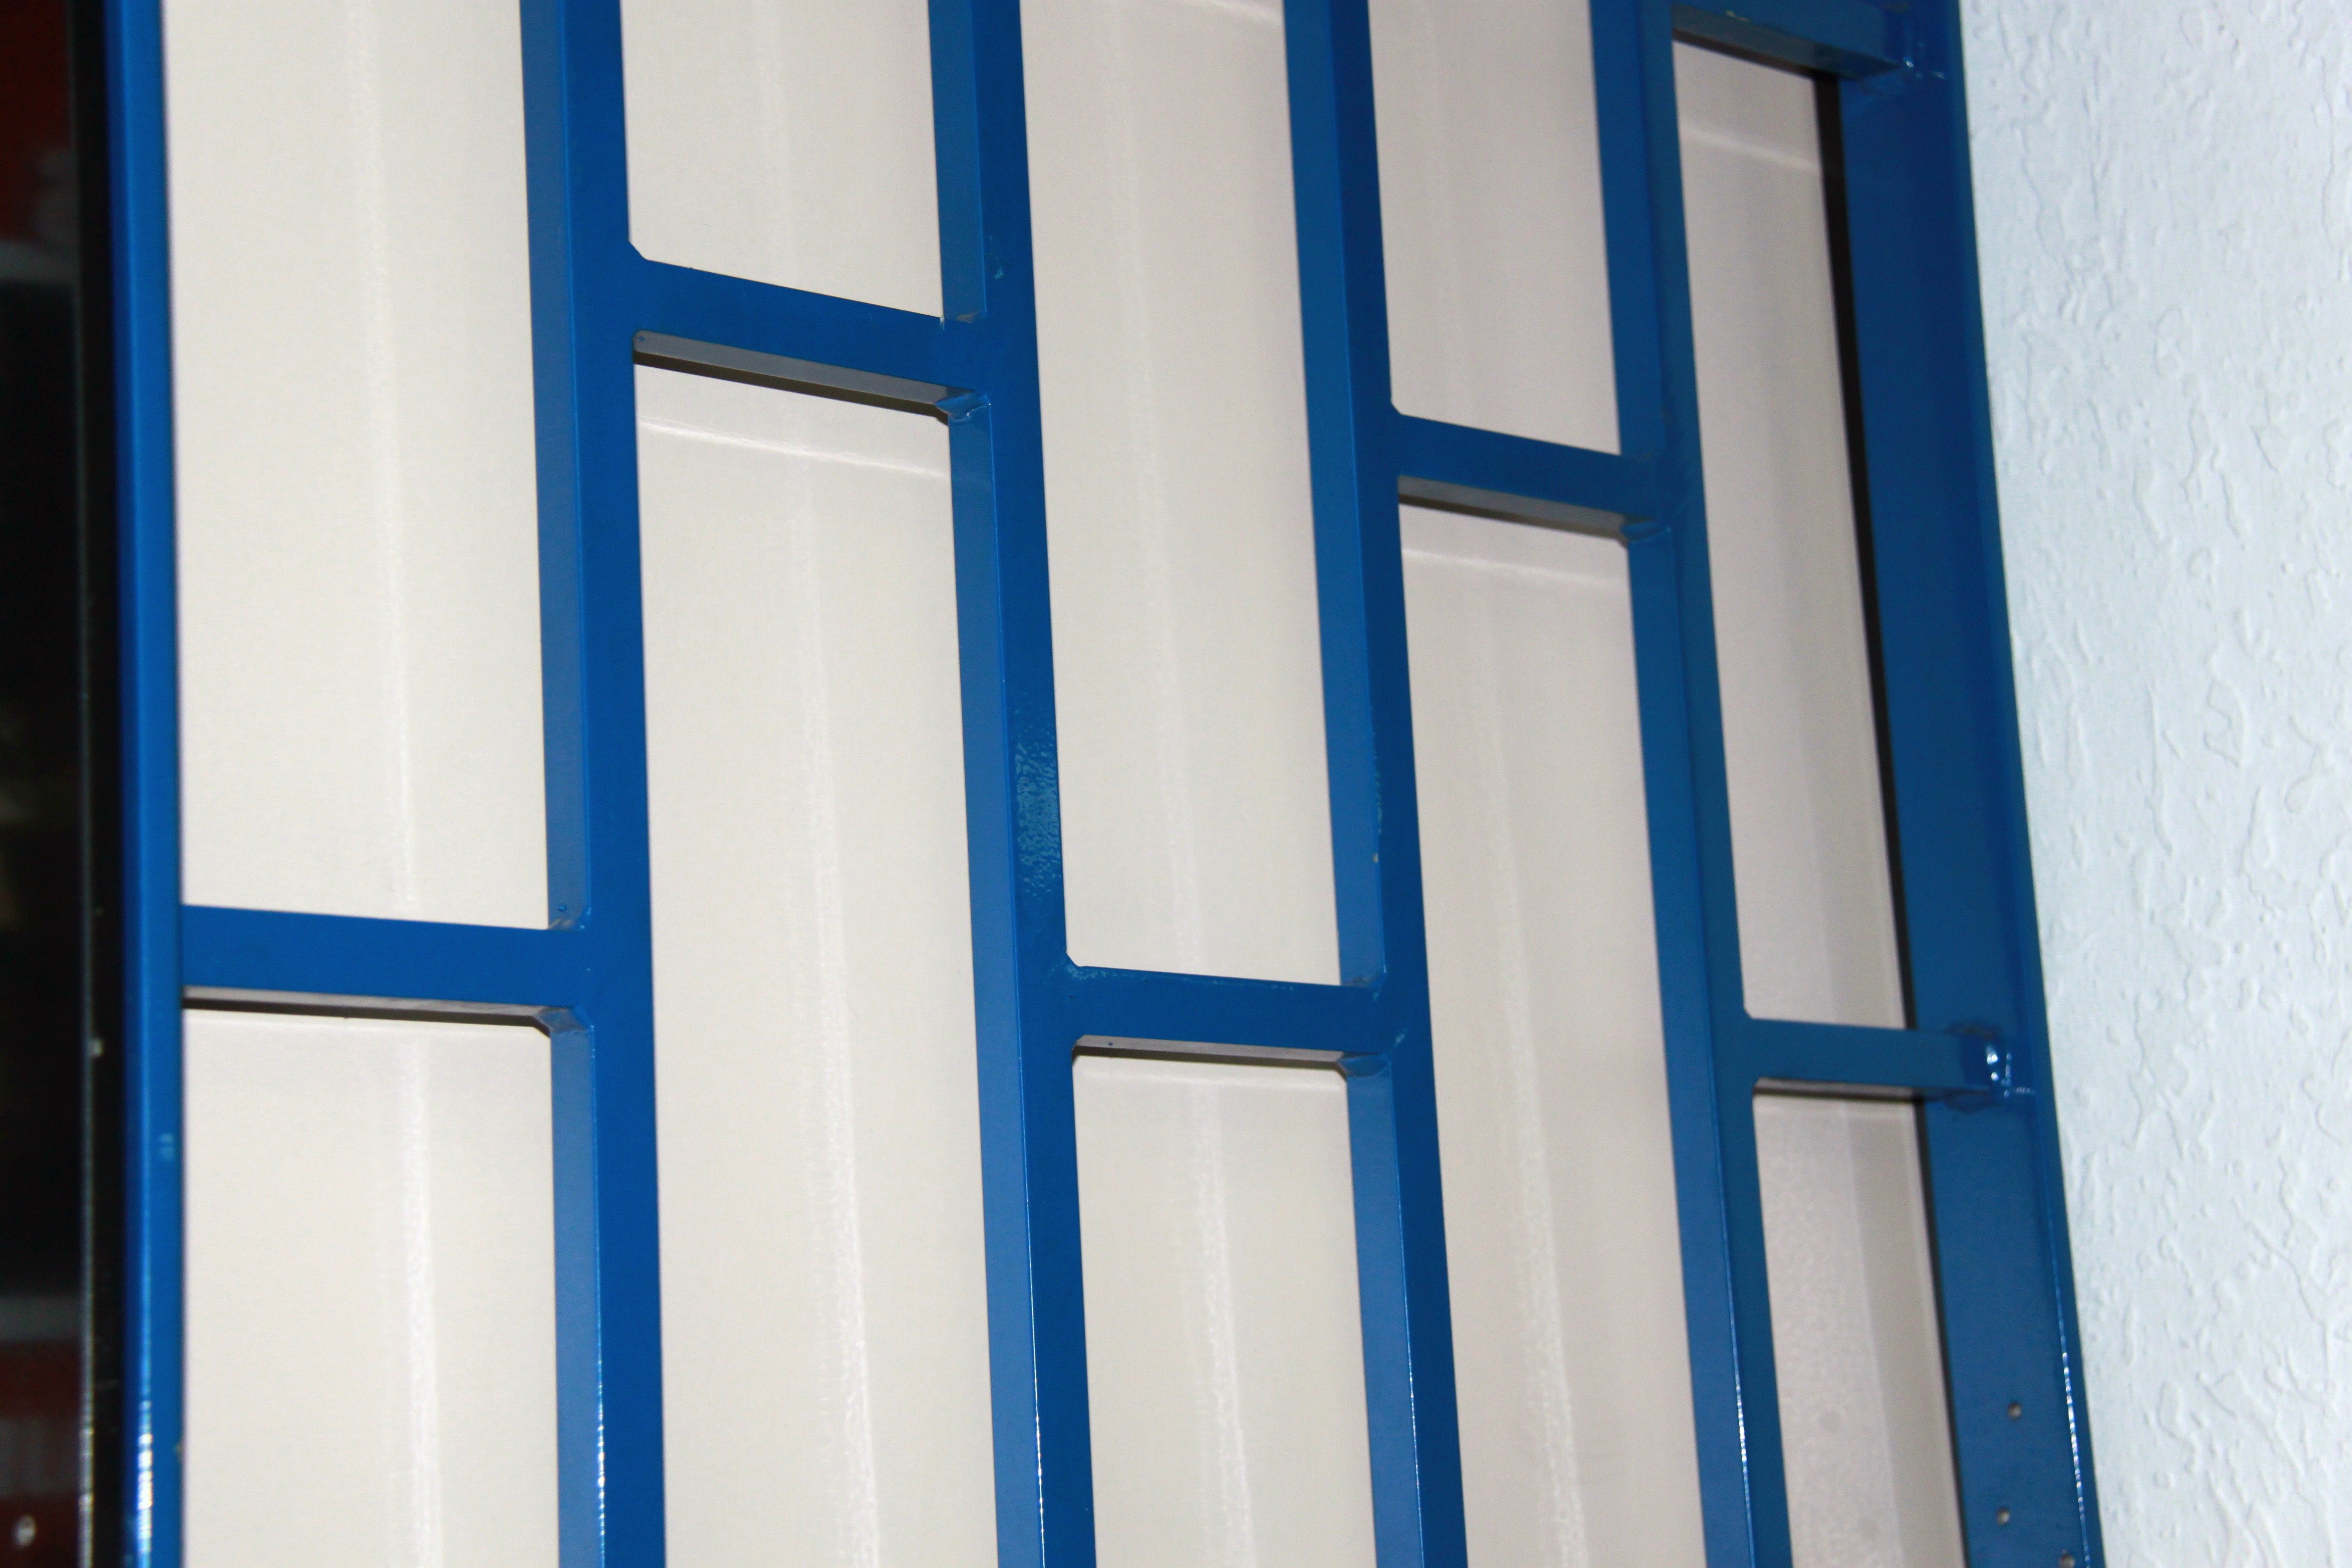 Rejas para puerta awesome puerta de hierro with rejas de for Modelos de rejas de fierro para puertas